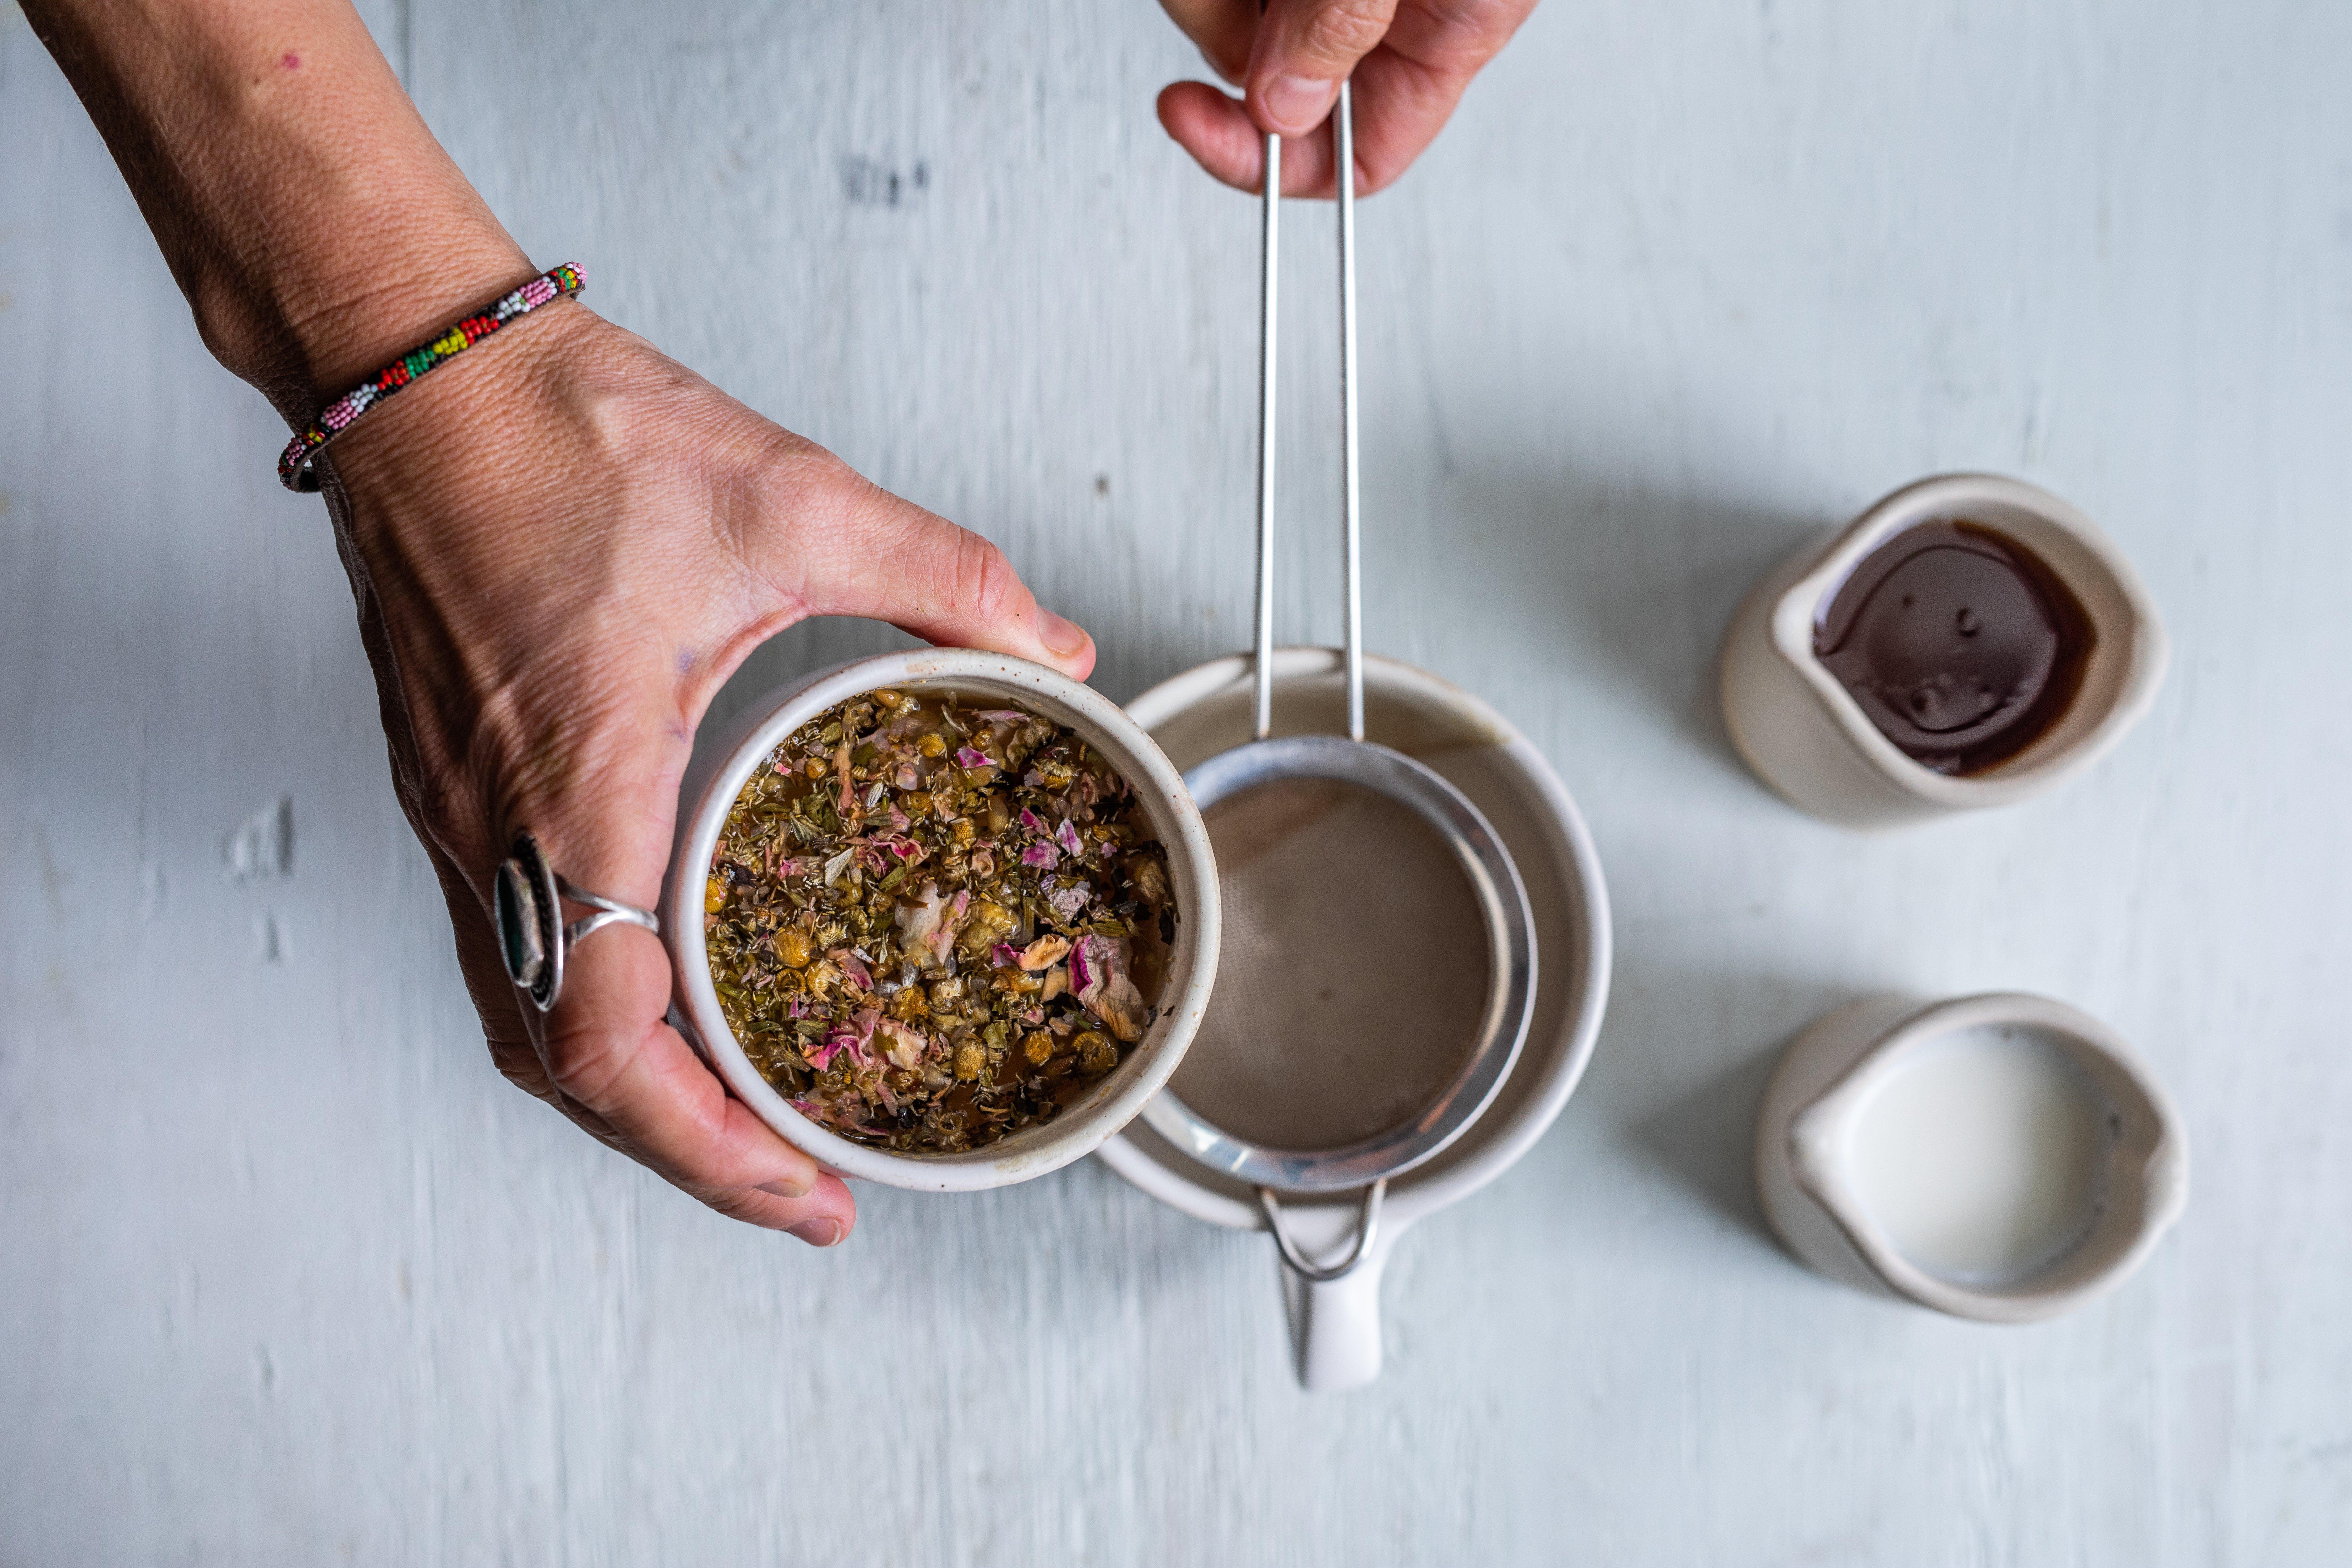 The-art-of-blending-tea